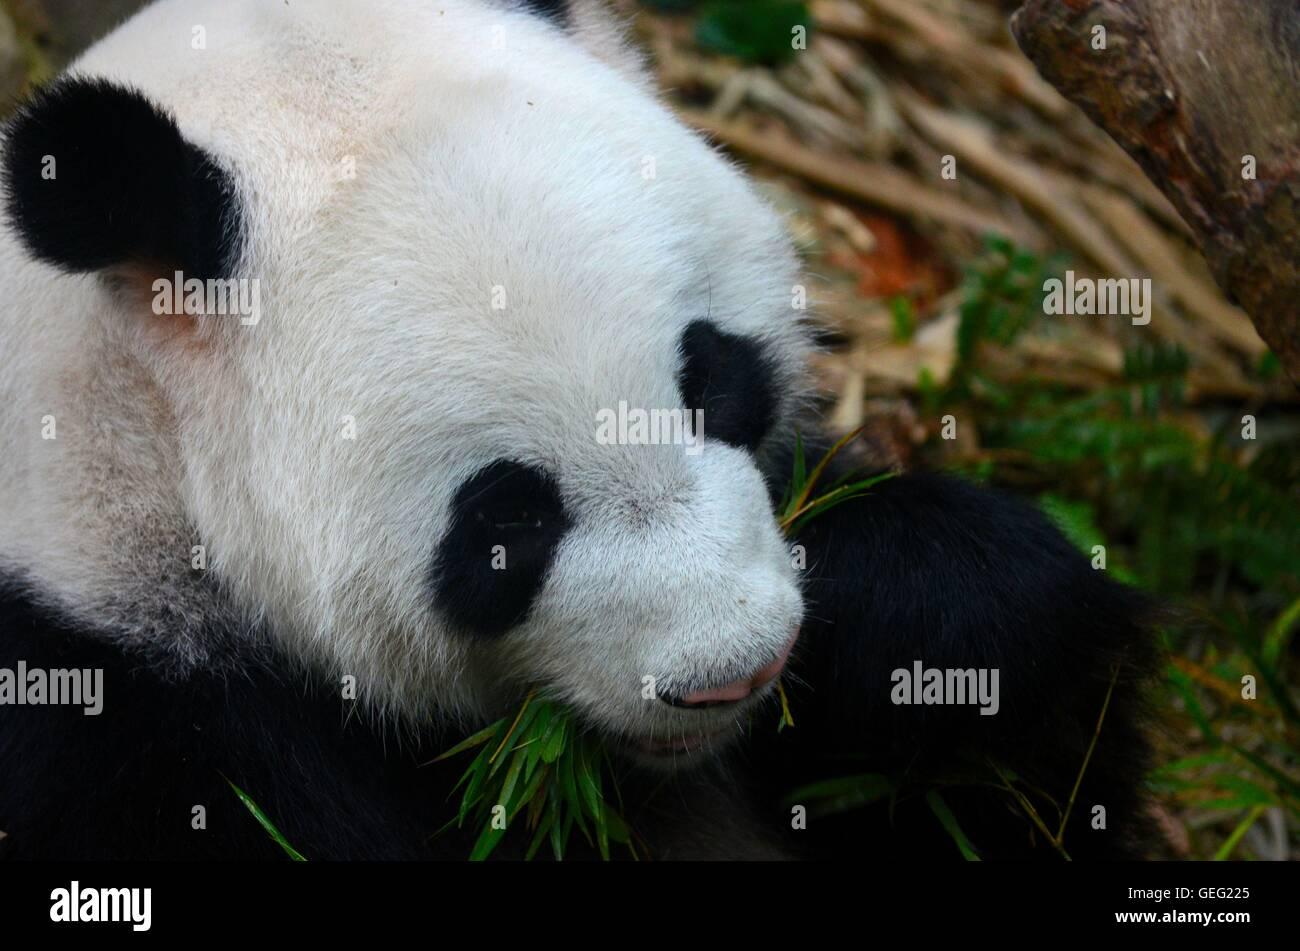 Orso Panda mangia con foglie verdi in bocca Immagini Stock